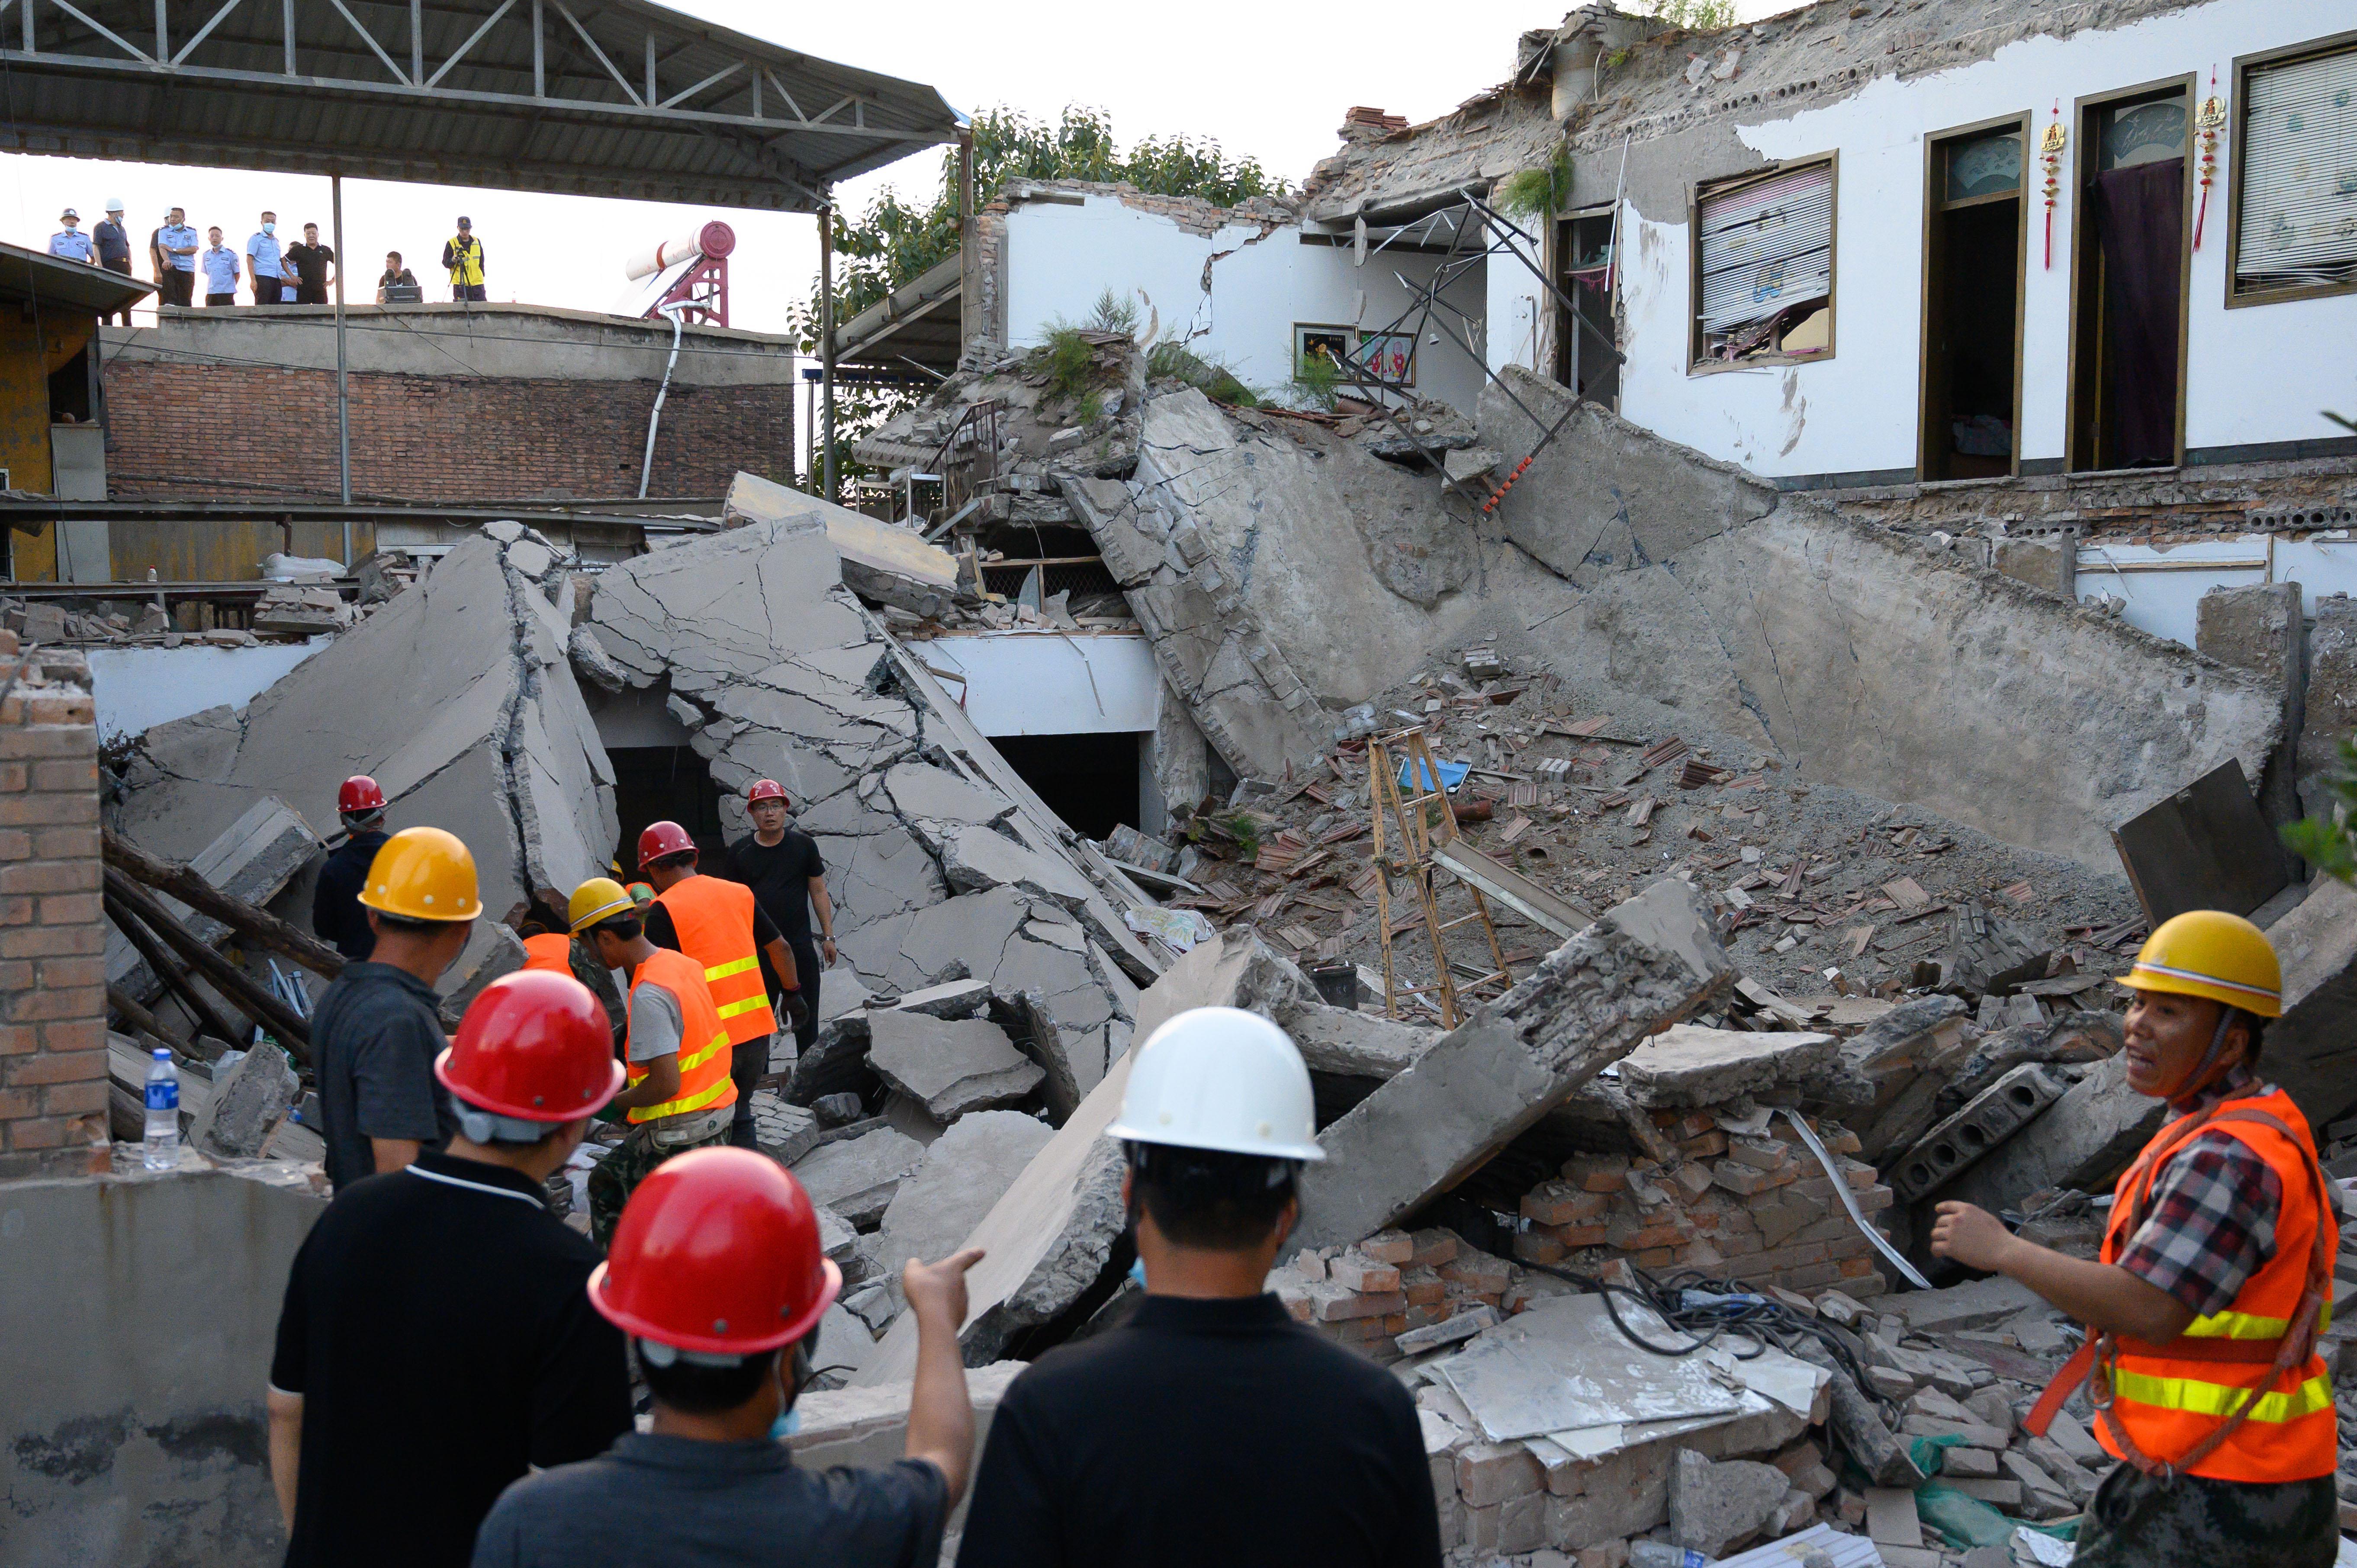 【google 中国】_山西襄汾坍塌饭店在当地热门 村民:幸亏当时多数人吃完饭去听戏了